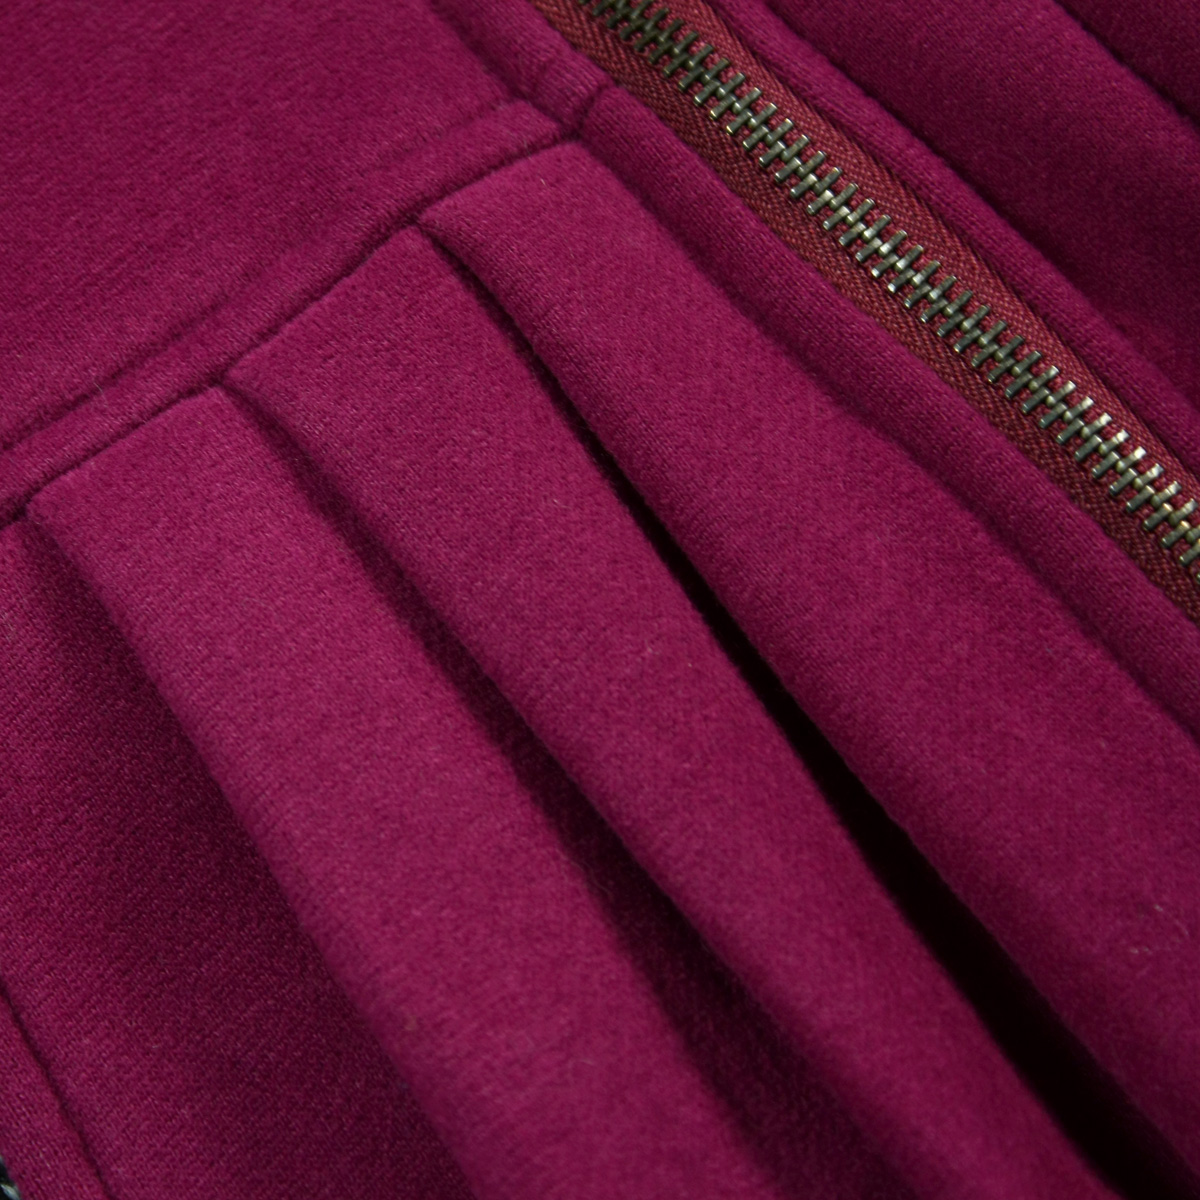 Толстовка женская Fiber Li show q1908 кардиган однотонный цвет классический рукав